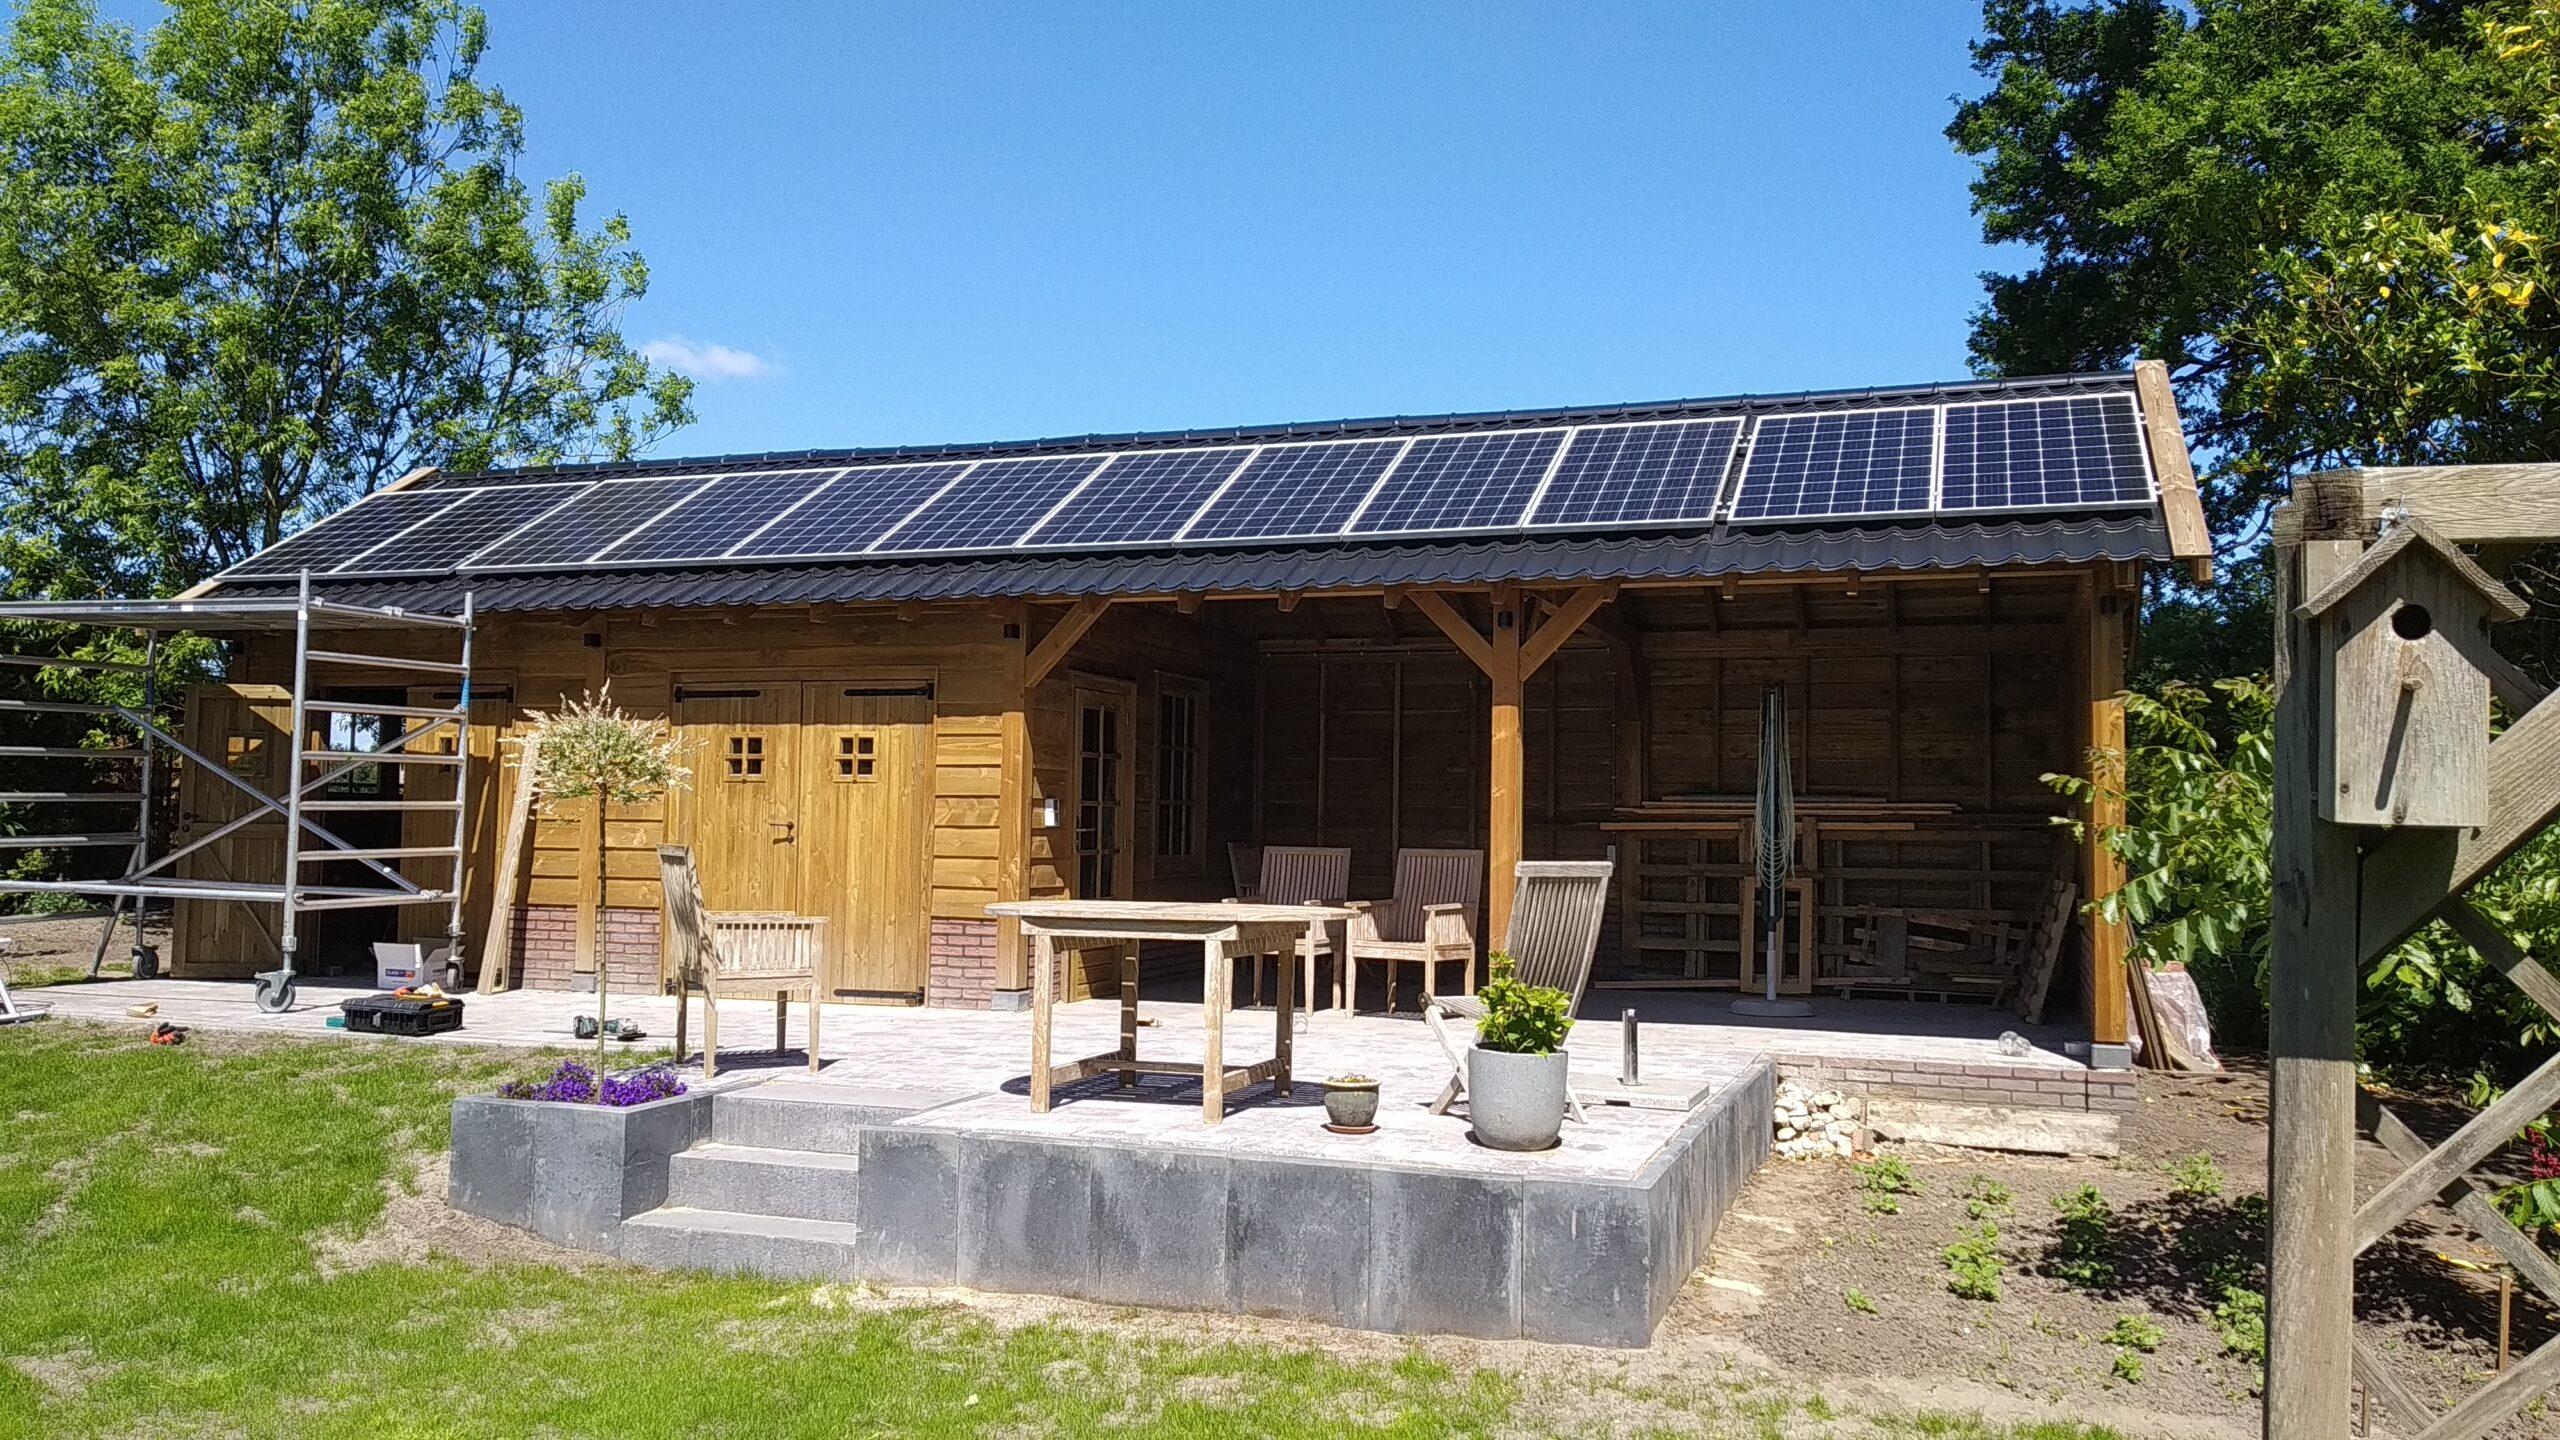 Jinko 320 Zonnepanelen dakpanplaten dak Noordscheschut Drenthe